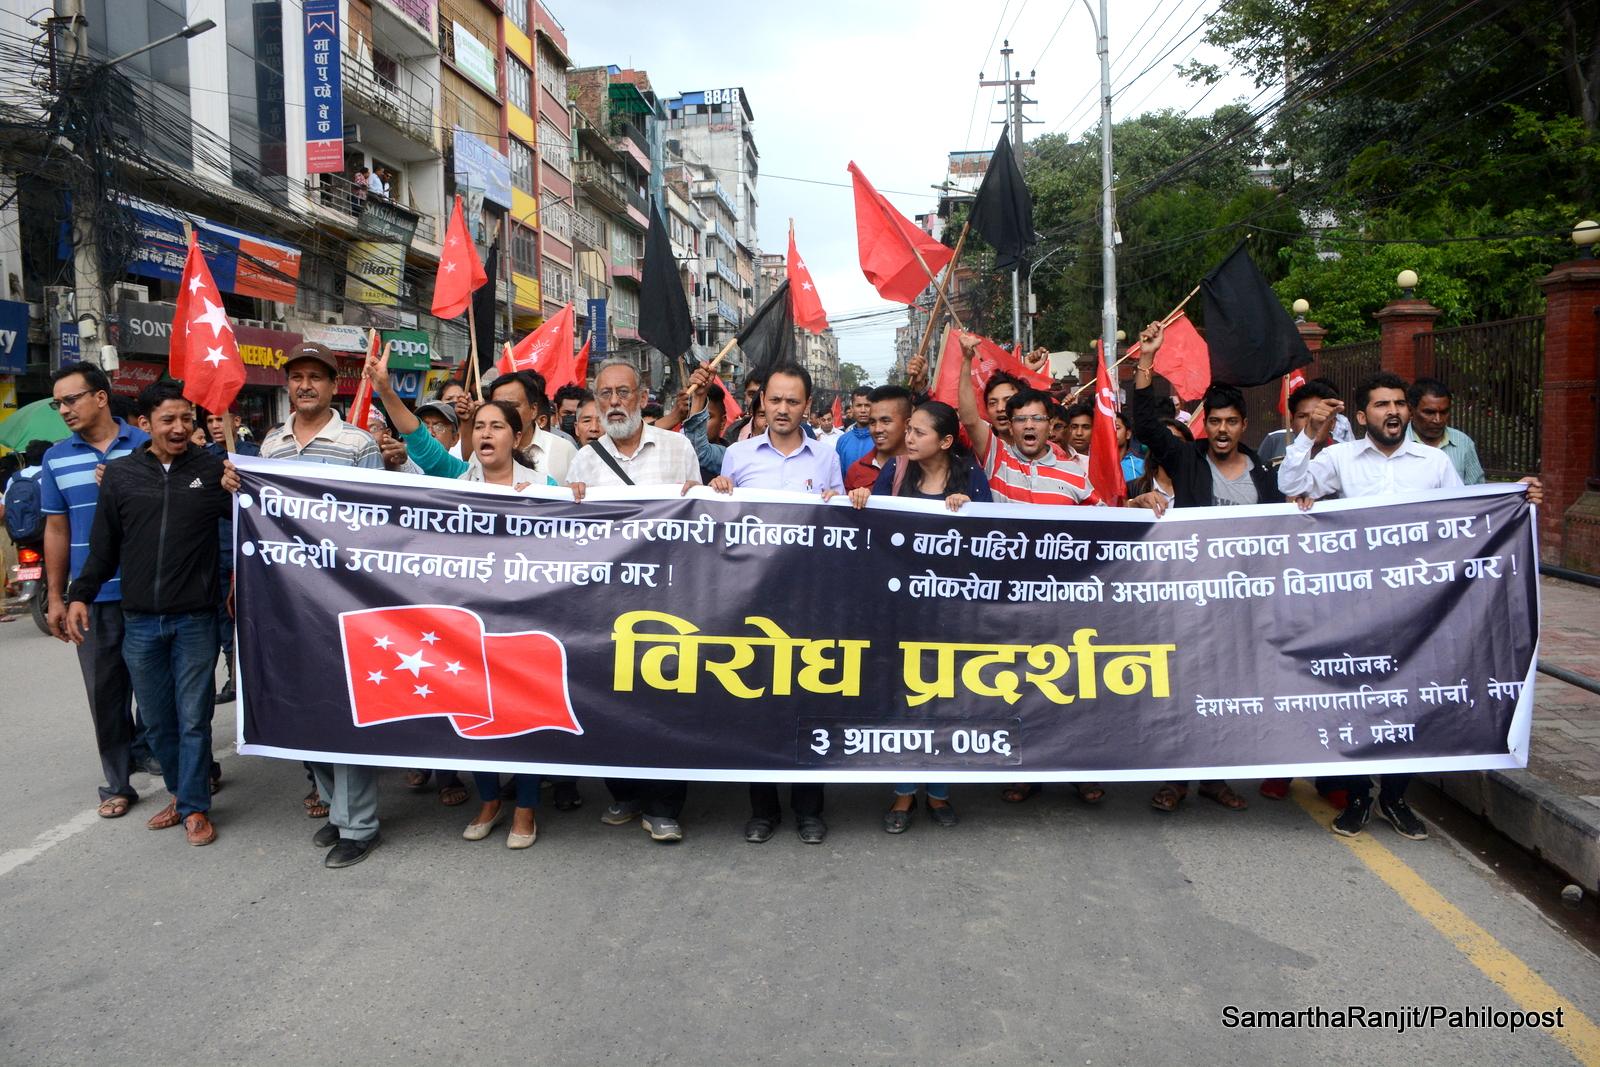 लोकसेवा विज्ञापनविरुद्ध राजधानीमा प्रदर्शन, आन्दोलनमा 'देजमो'को समर्थन